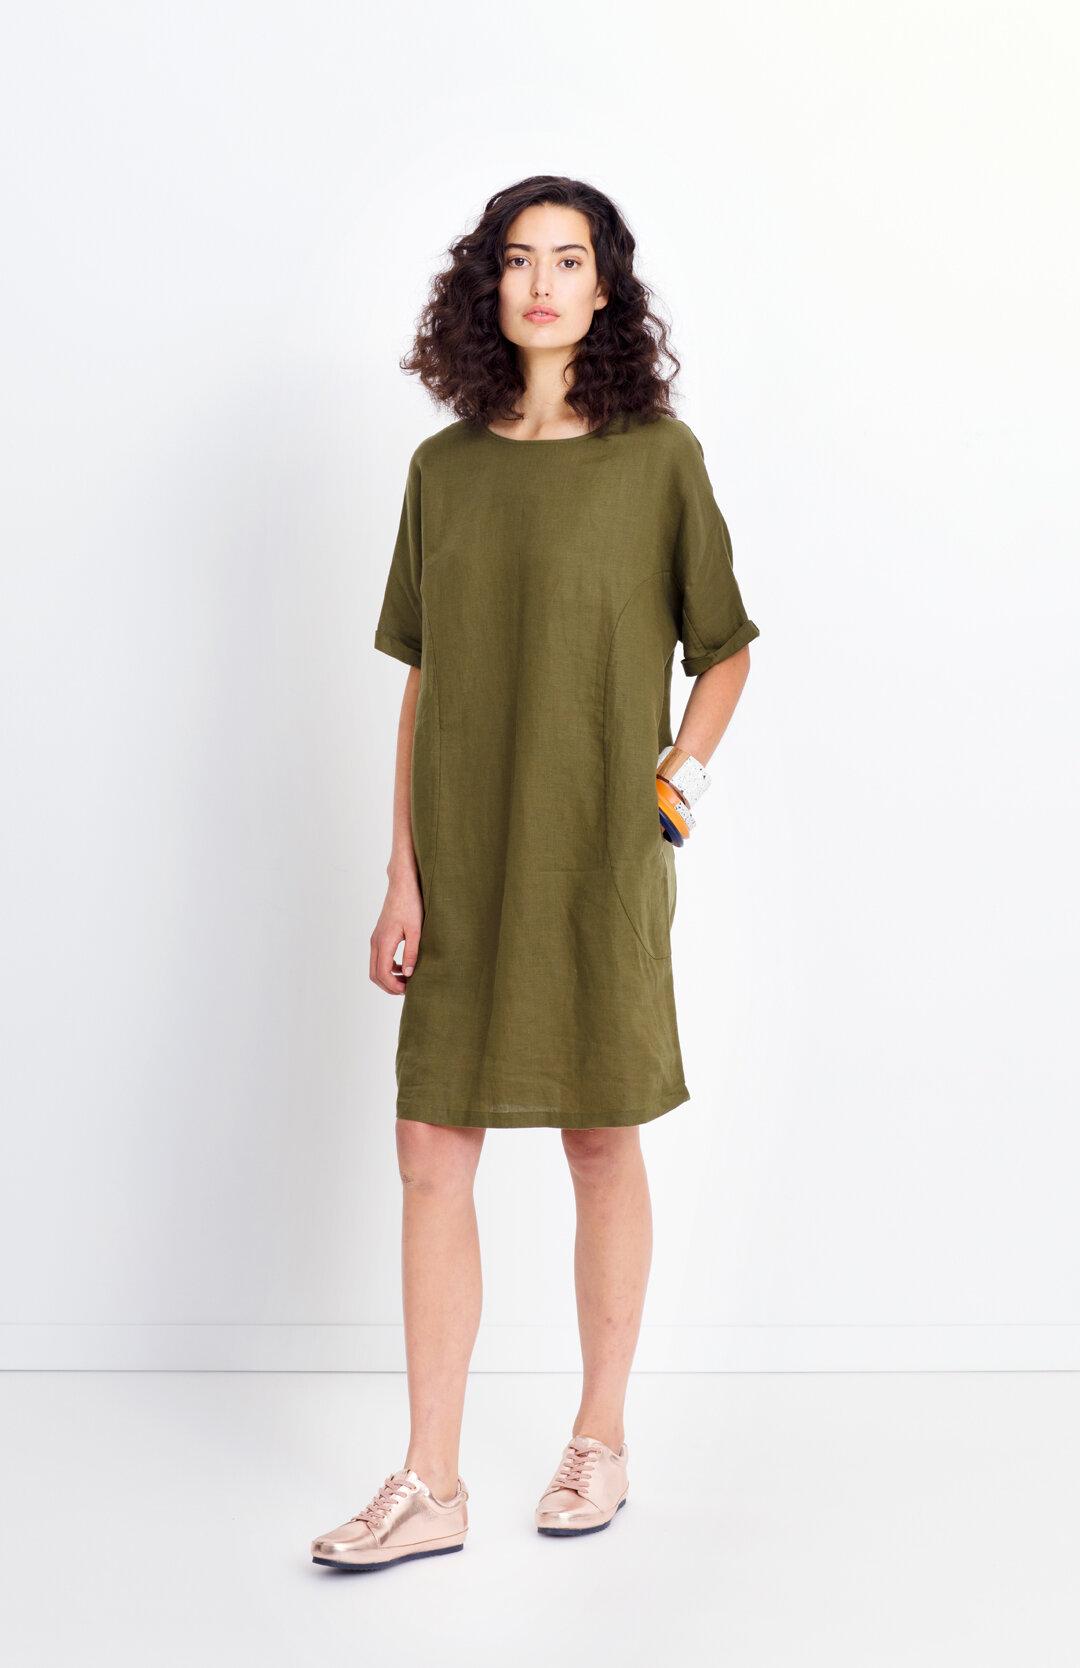 c904c42d78 Linen Shift Dress - Labels-Elk   Just Looking - Elk S18